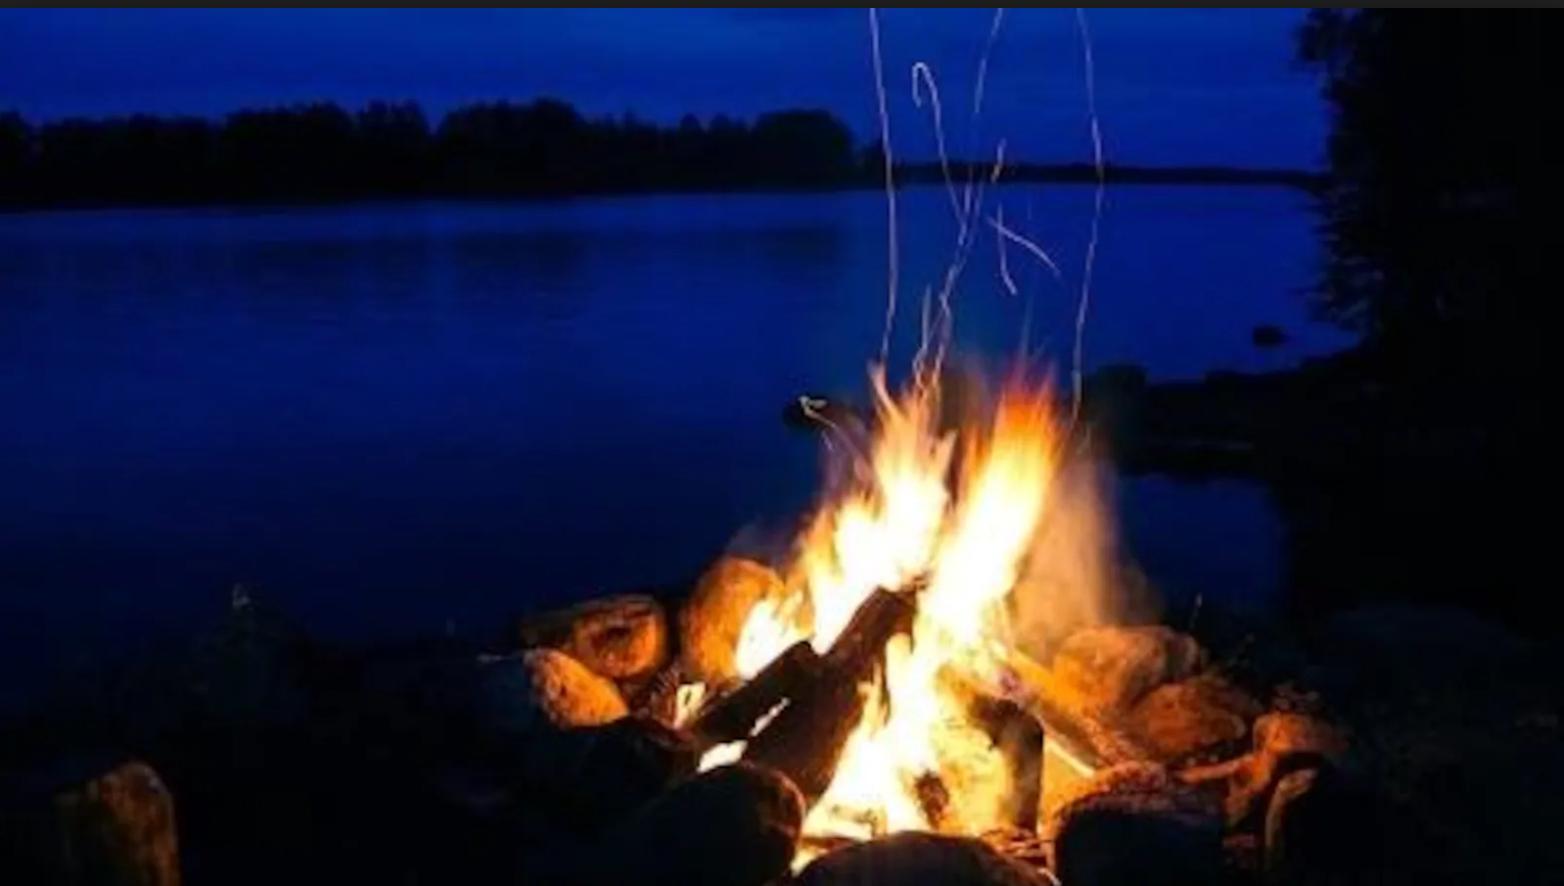 Chalet à louer au Québec   face au lac   4 saisons Le Cocooning L'Ascension   Feu de camps